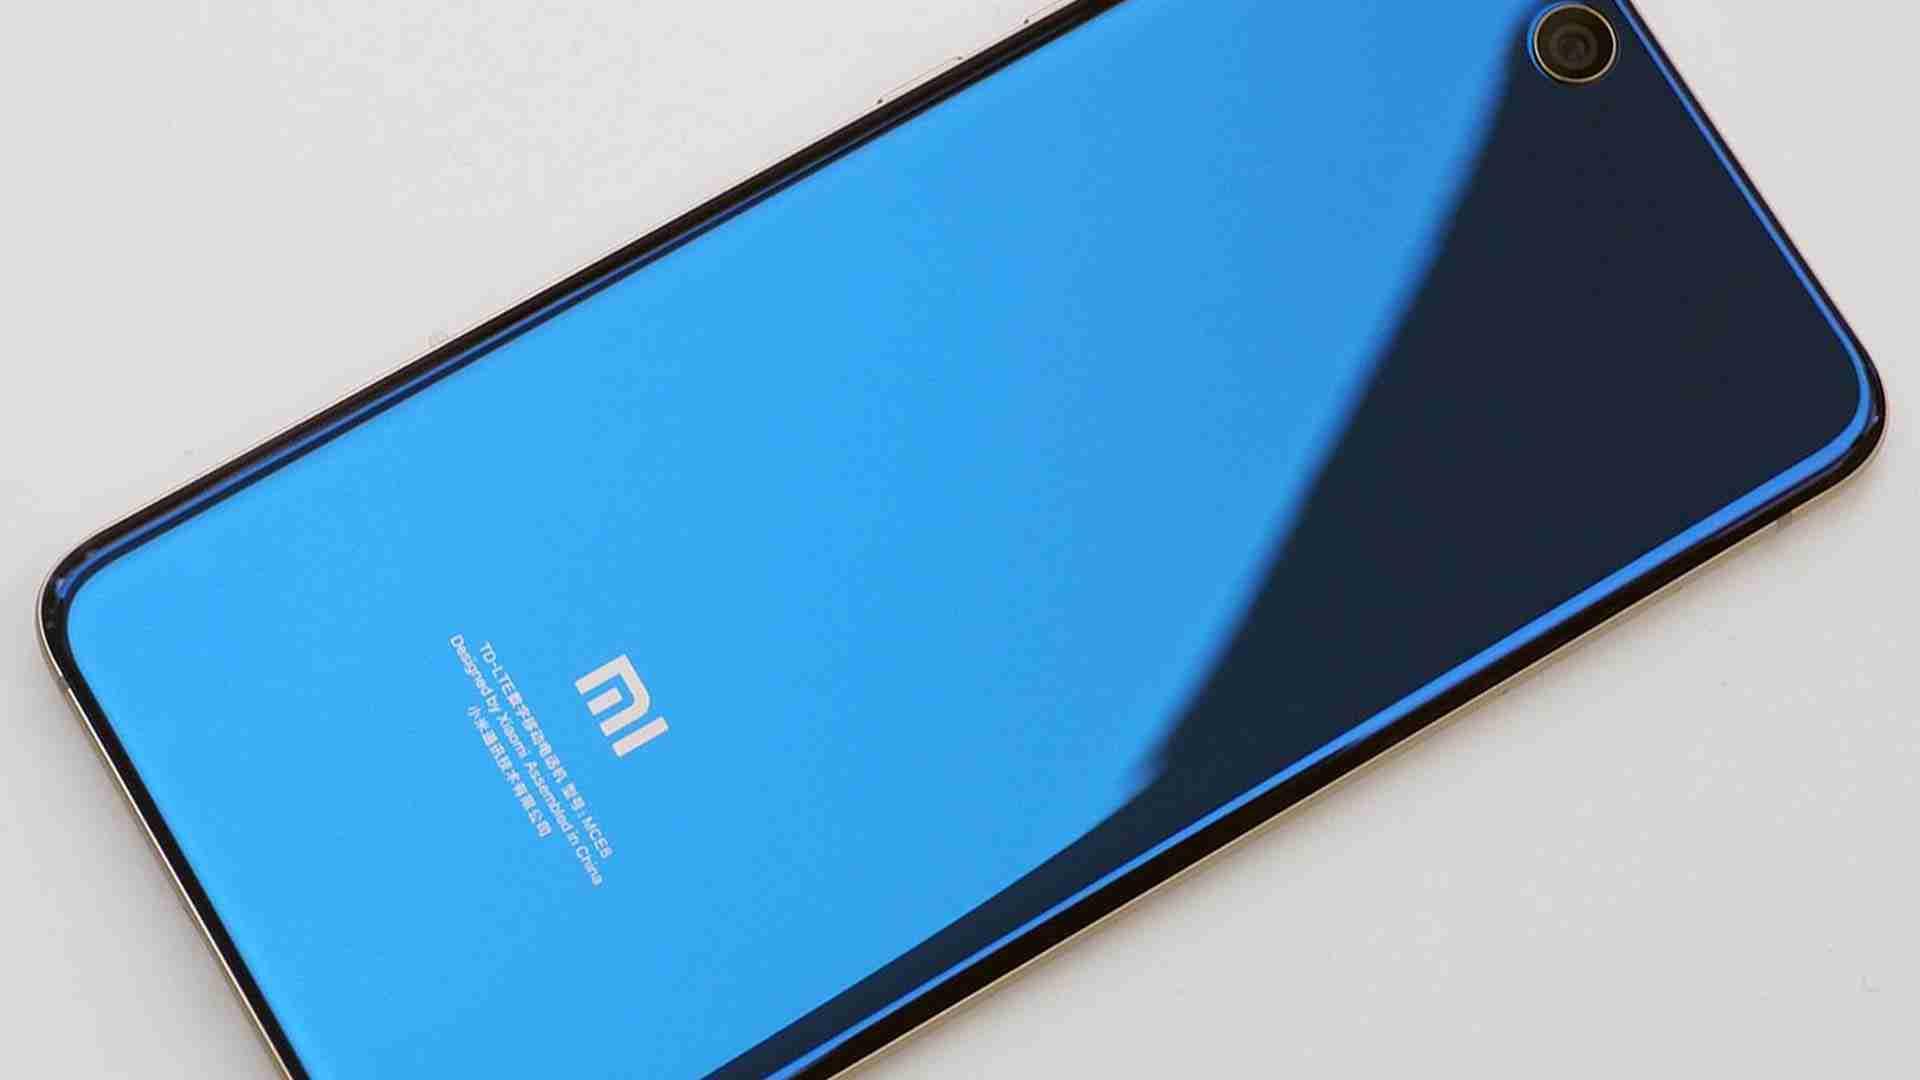 Come rimuovere pubblicità dai telefoni Xiaomi